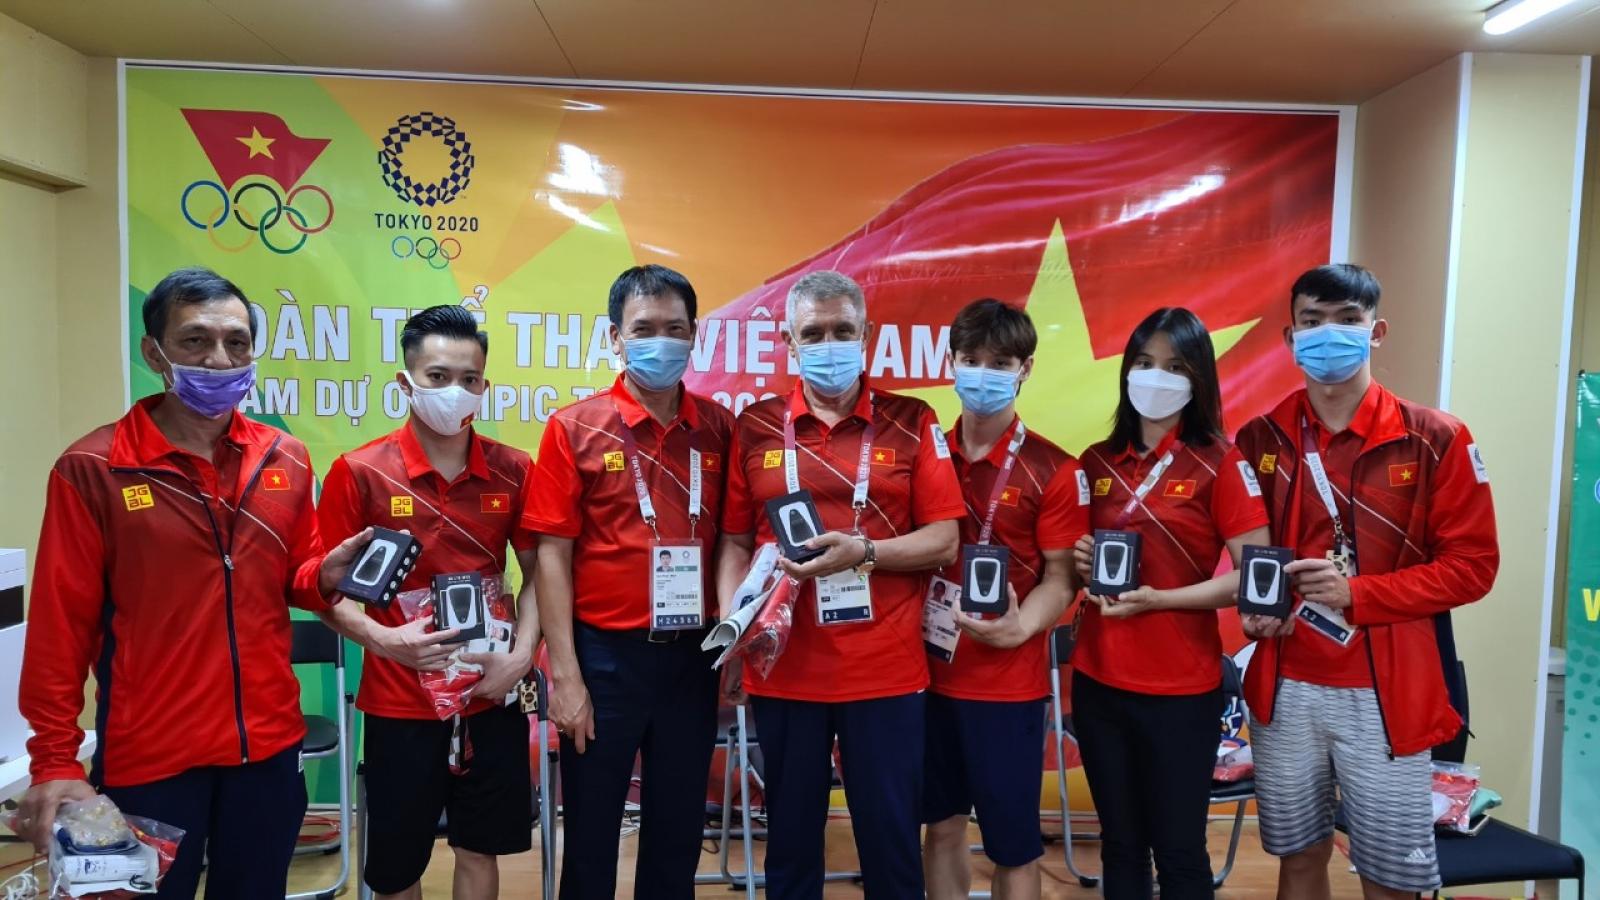 Trưởng đoàn Trần Đức Phấn: Thể thao Việt Nam vẫn còn khoảng cách với đấu trường Olympic